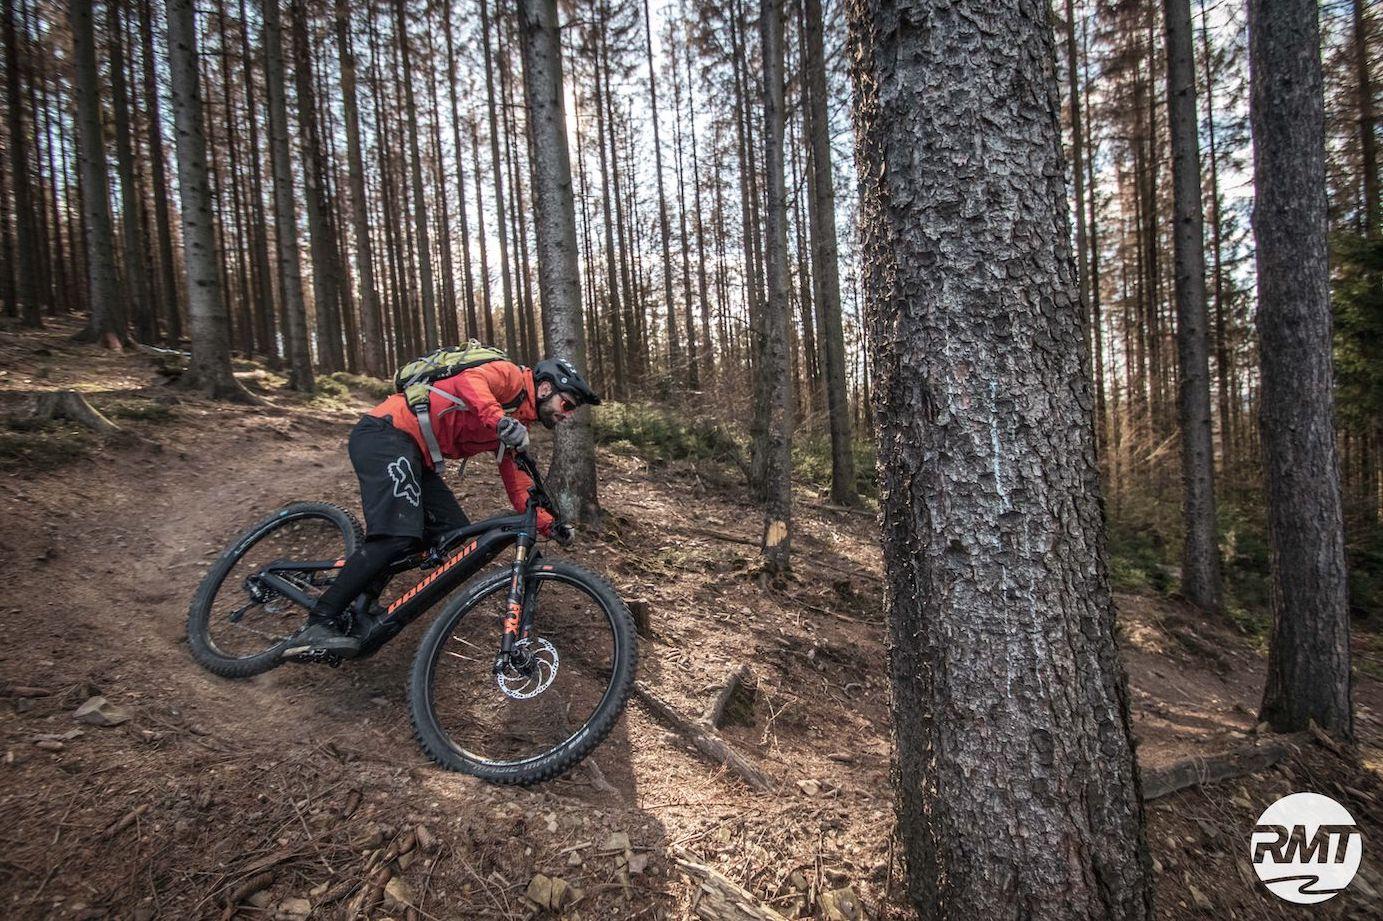 MTB Fahrtechnik Kurs Fortgeschrittene in Siegburg | Bonn - Mountainbike Fortgeschritten - Rock my Trail Bikeschule - 6